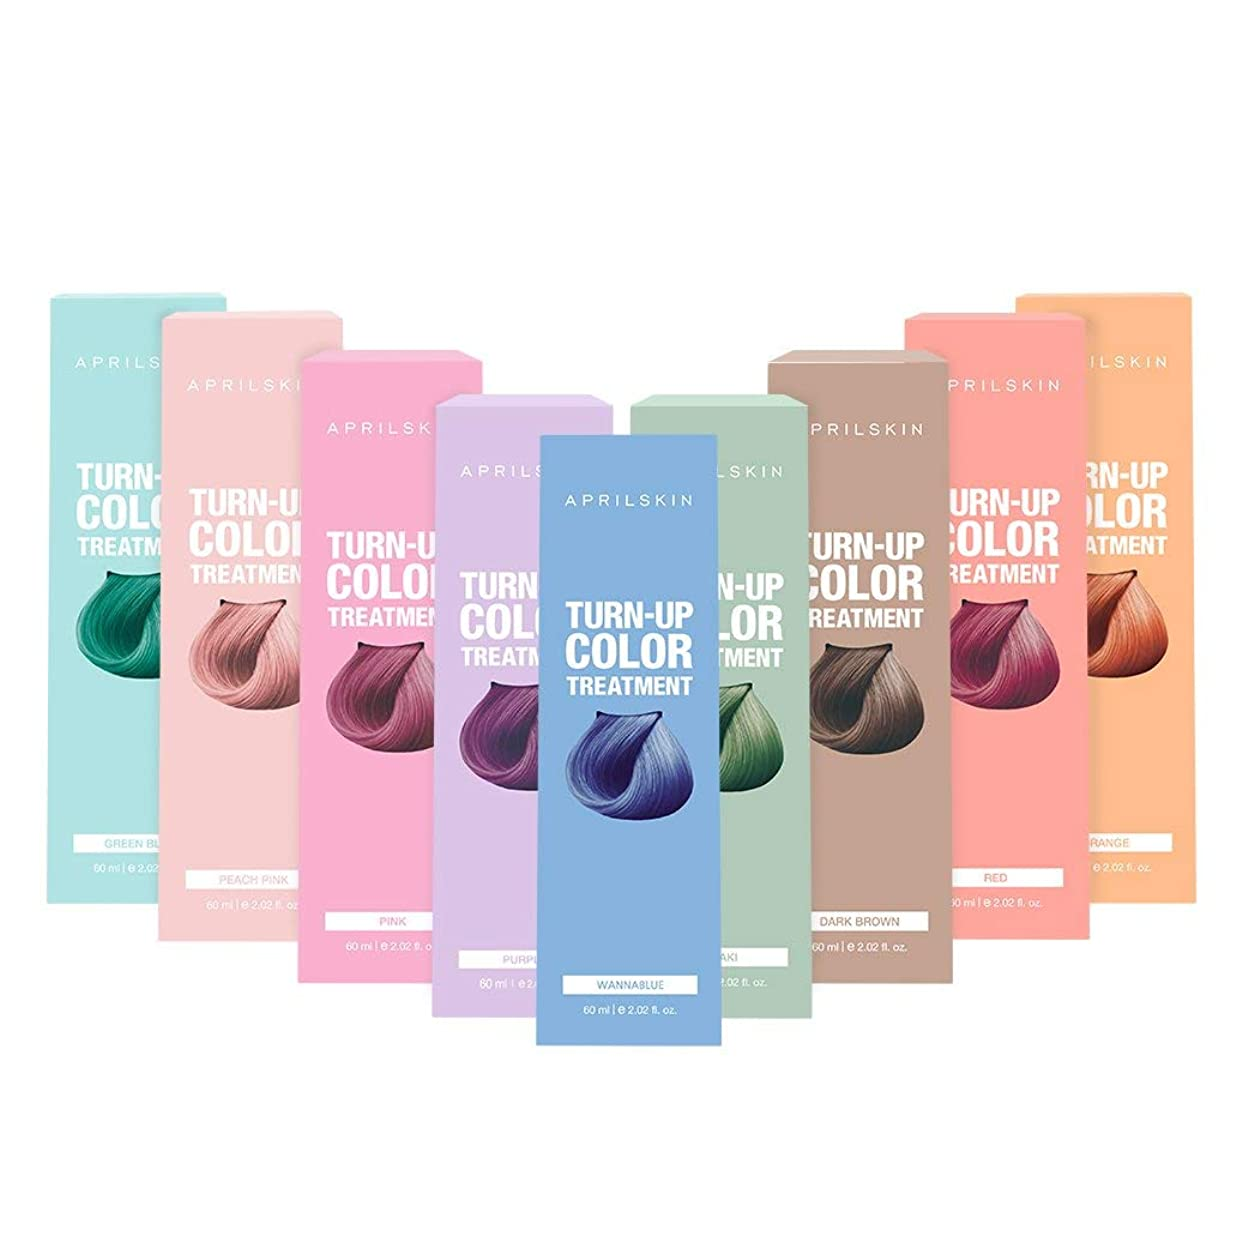 銀河調整する主人April Skin(エイプリルスキン) ターンアップカラー トリートメント Ash KHAKI(アシュカーキ) Set(Green Blue + Orange + Peach Pink)/Turn up Color Treatment/K-Beauty